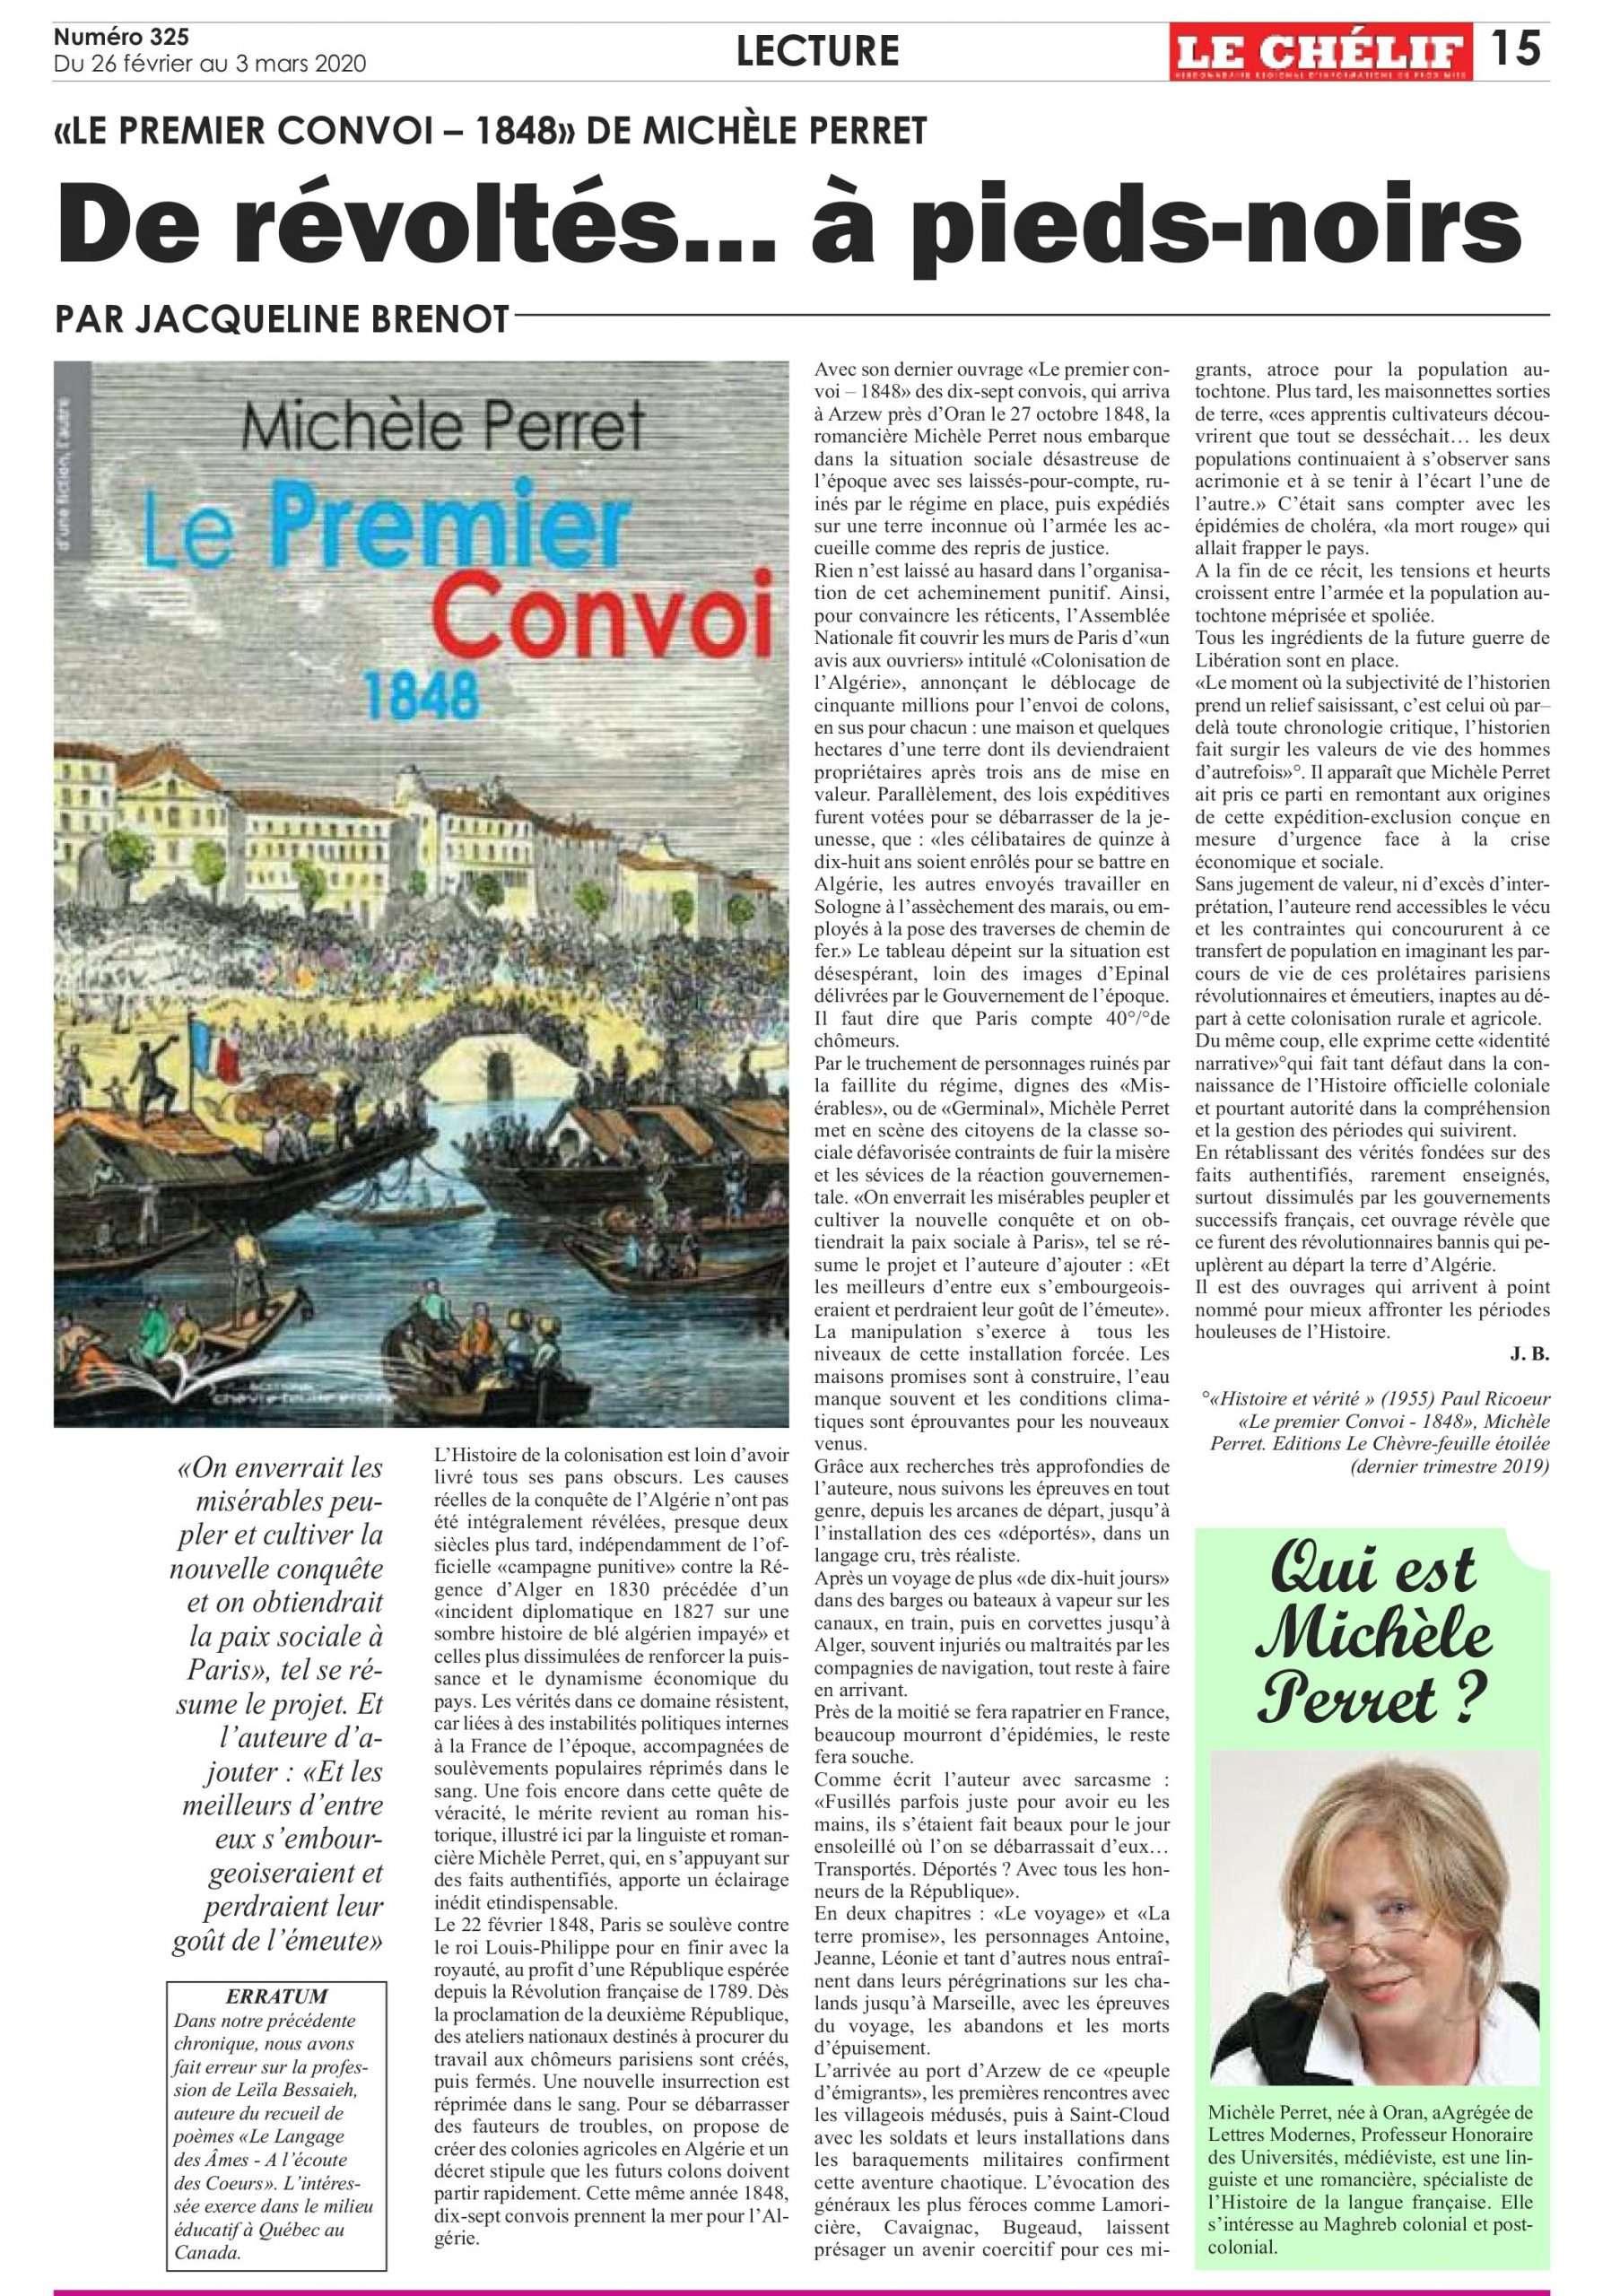 Le Premier Convoi (Seconde édition revue et augmentée) 1